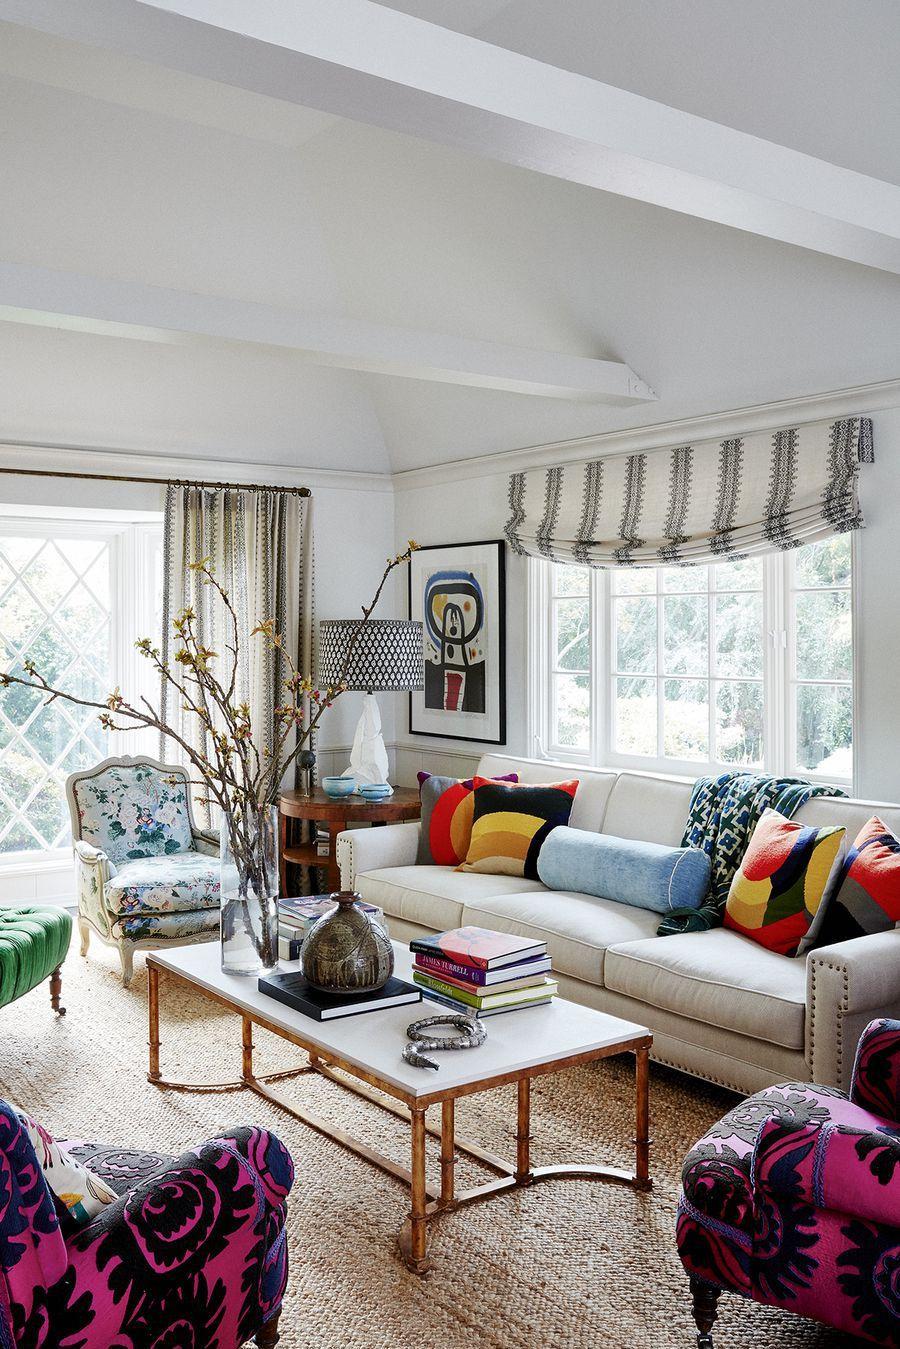 54 Luxury Living Room Ideas - Stylish Living Room Design ... on Decor Room  id=34488